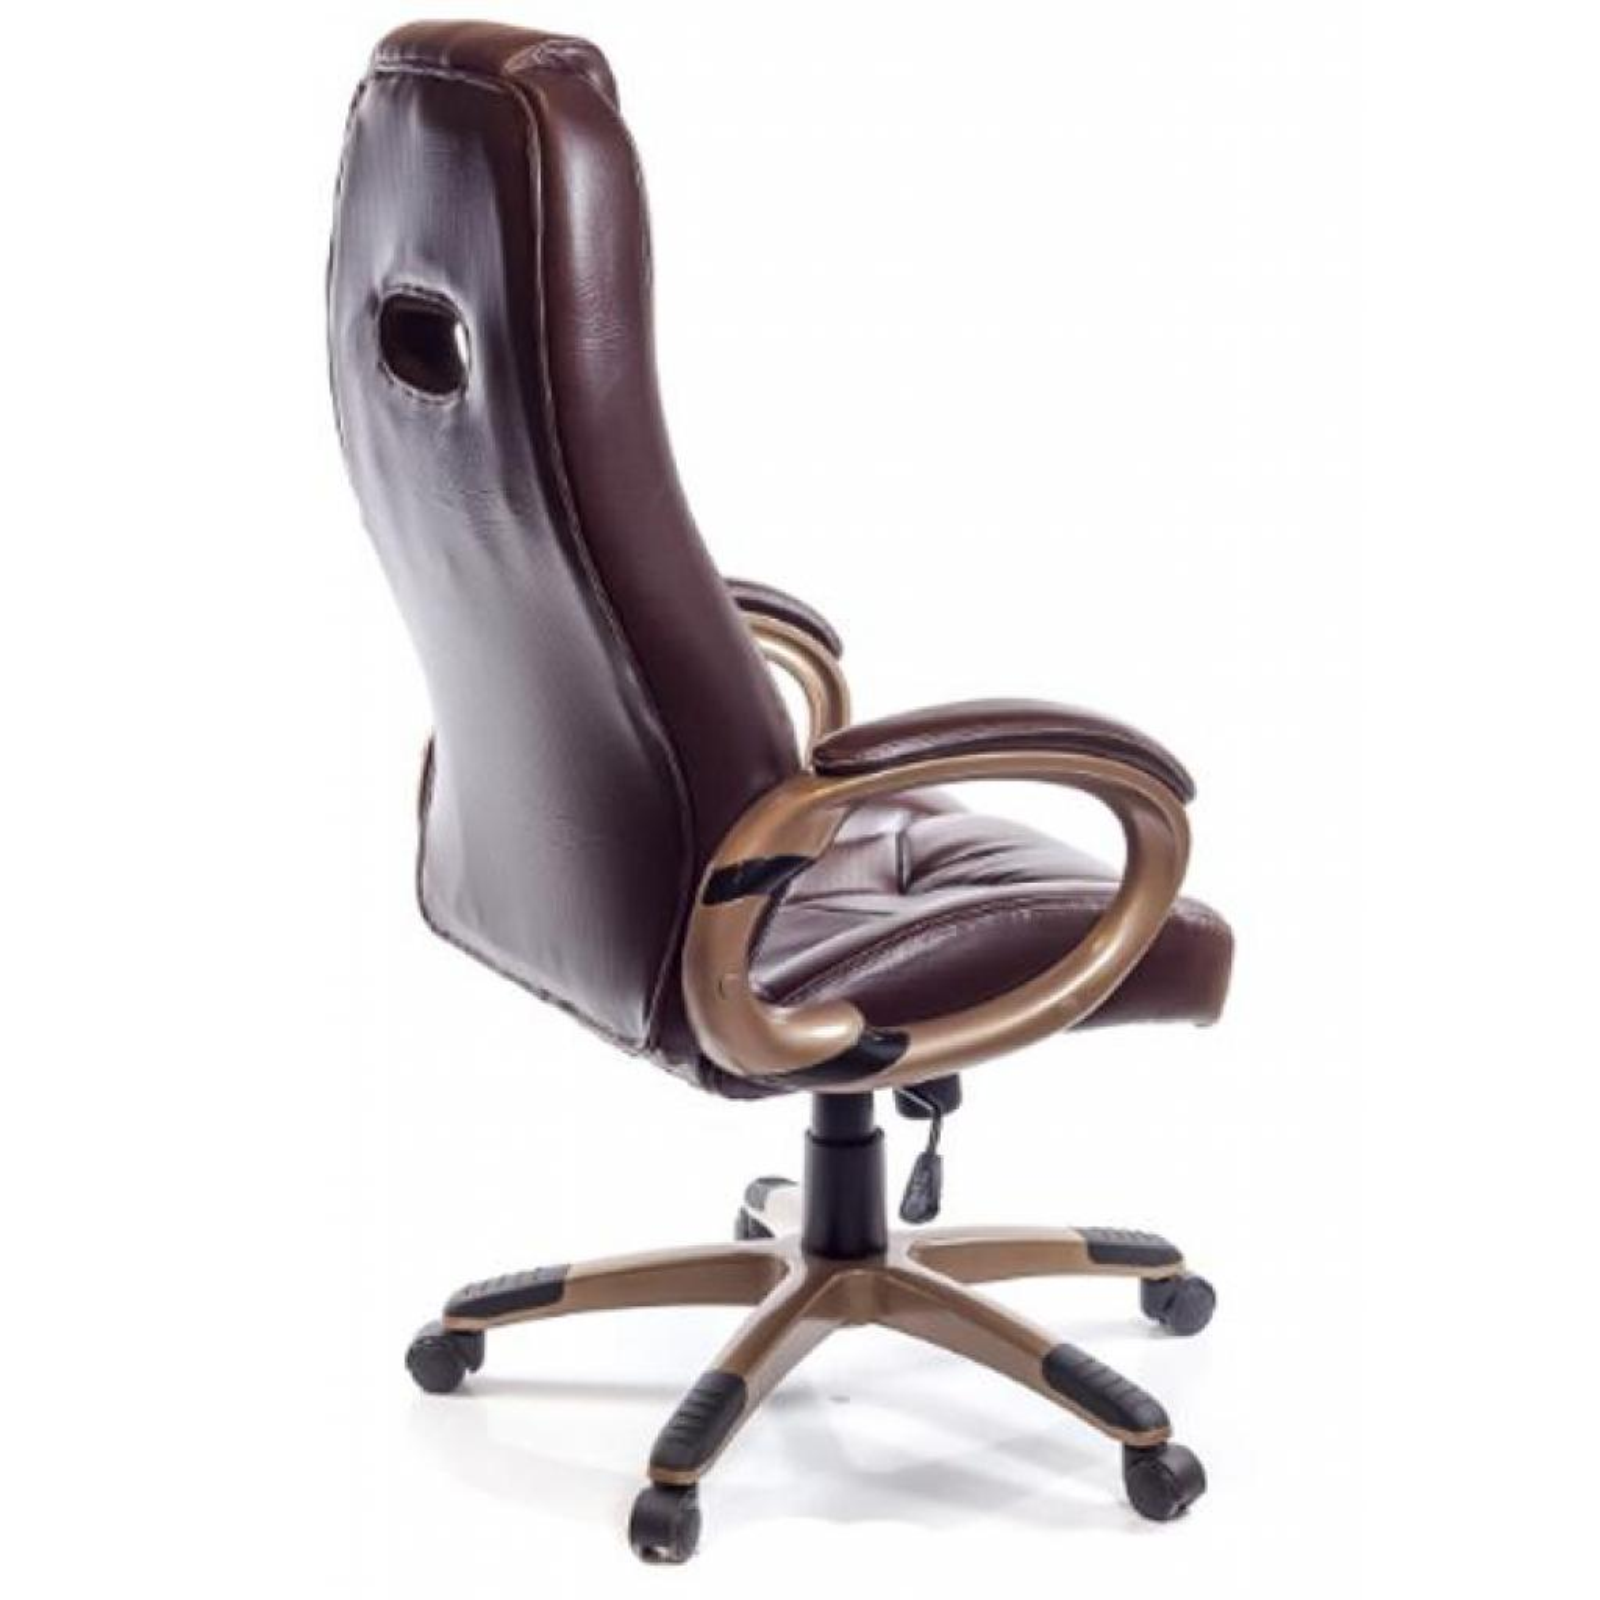 Кресло игровое АКЛАС Брук PL TILT Коричневое (07261) изображение 5